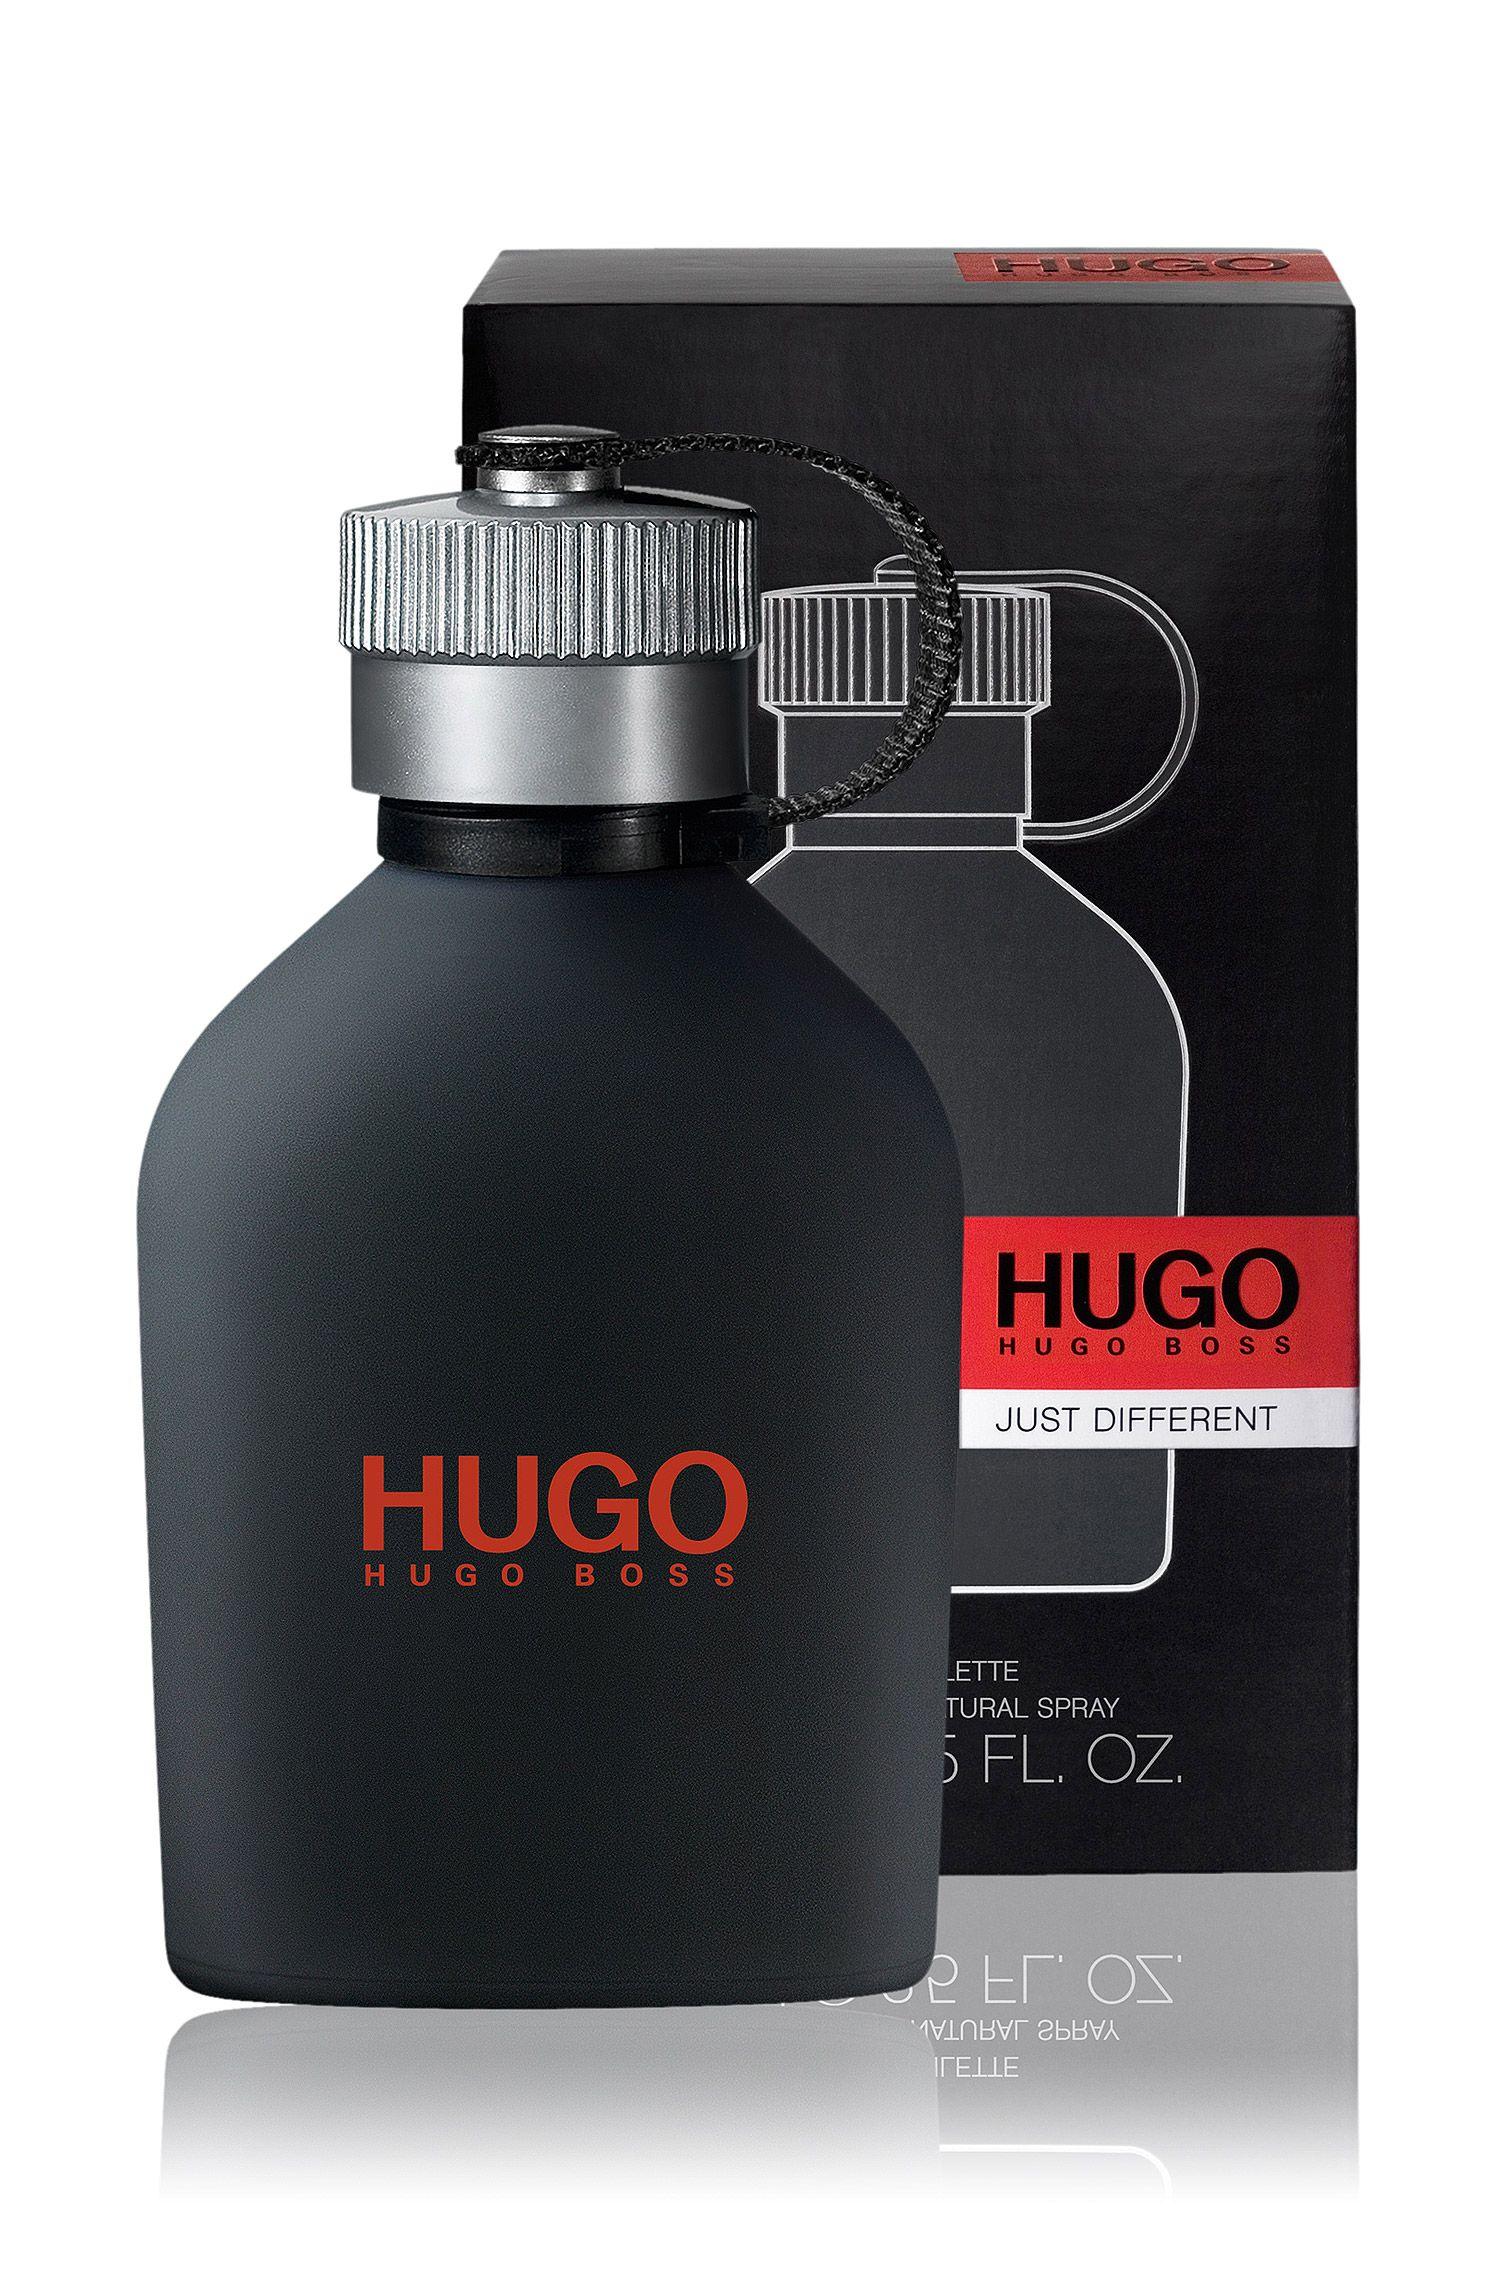 HUGO Just Different eau de toilette 75ml